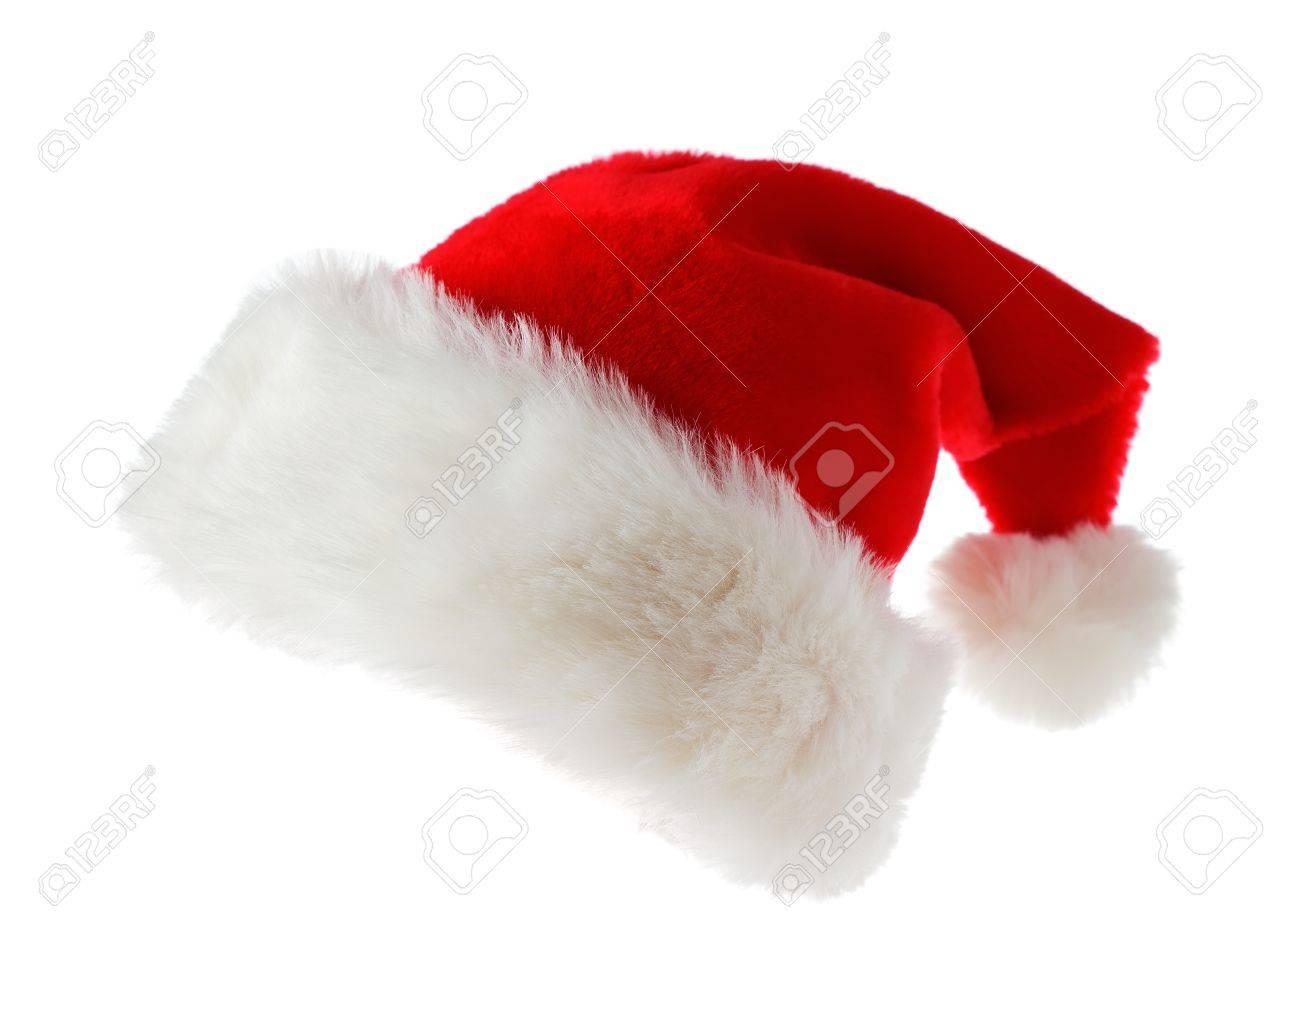 Santa hat isolated on white background - 11326207